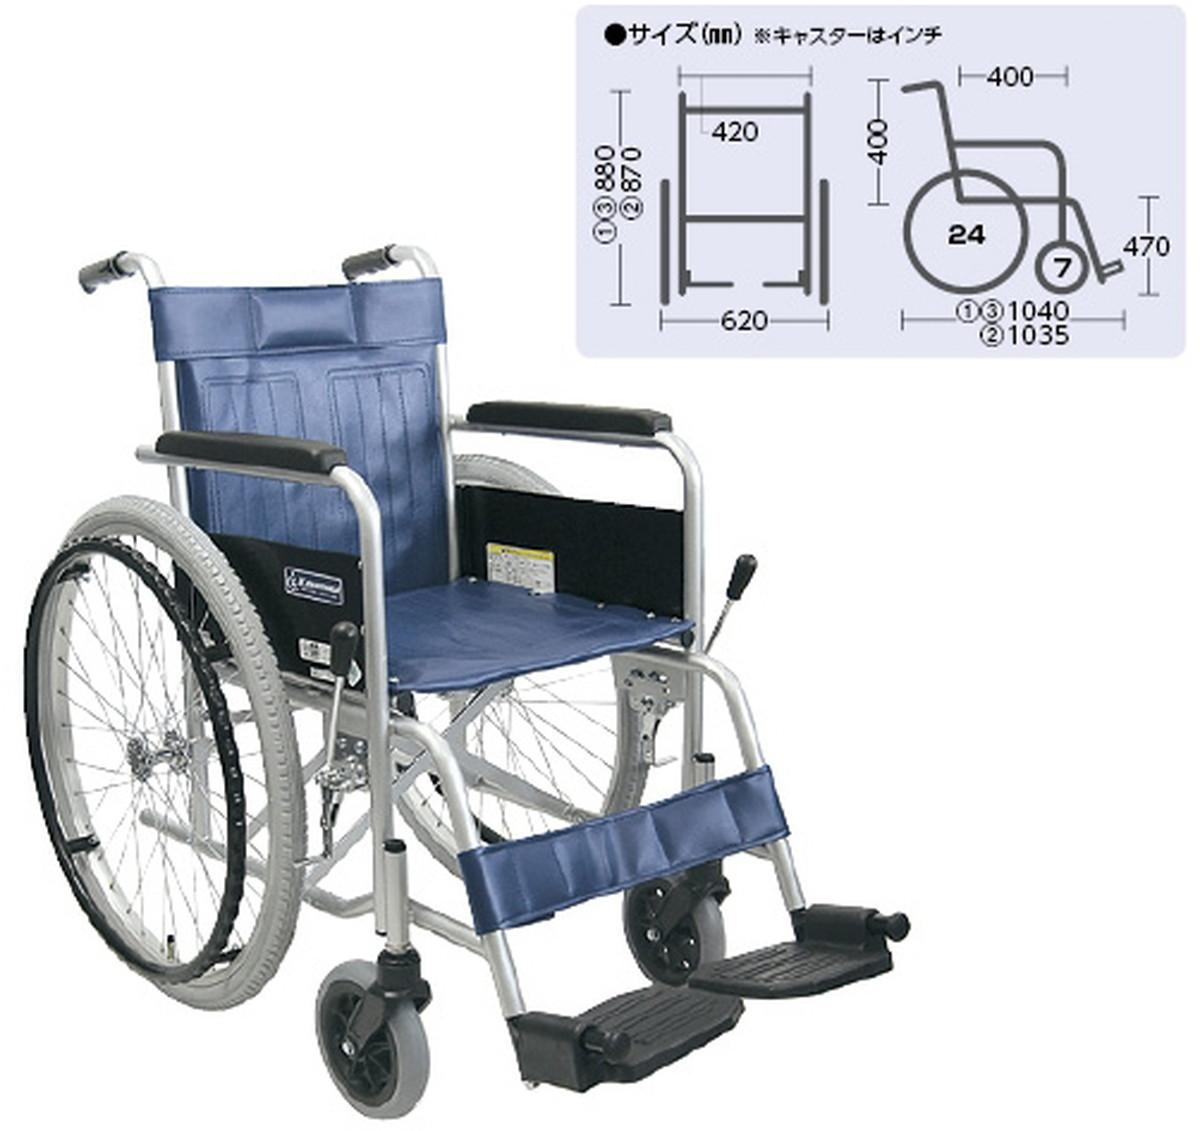 【送料無料】-車いす(自走用・スチール製)背固定式 KR801N 品番 my01-3865-00-- 1入り-【MY医科器機】JAN 4514133122929